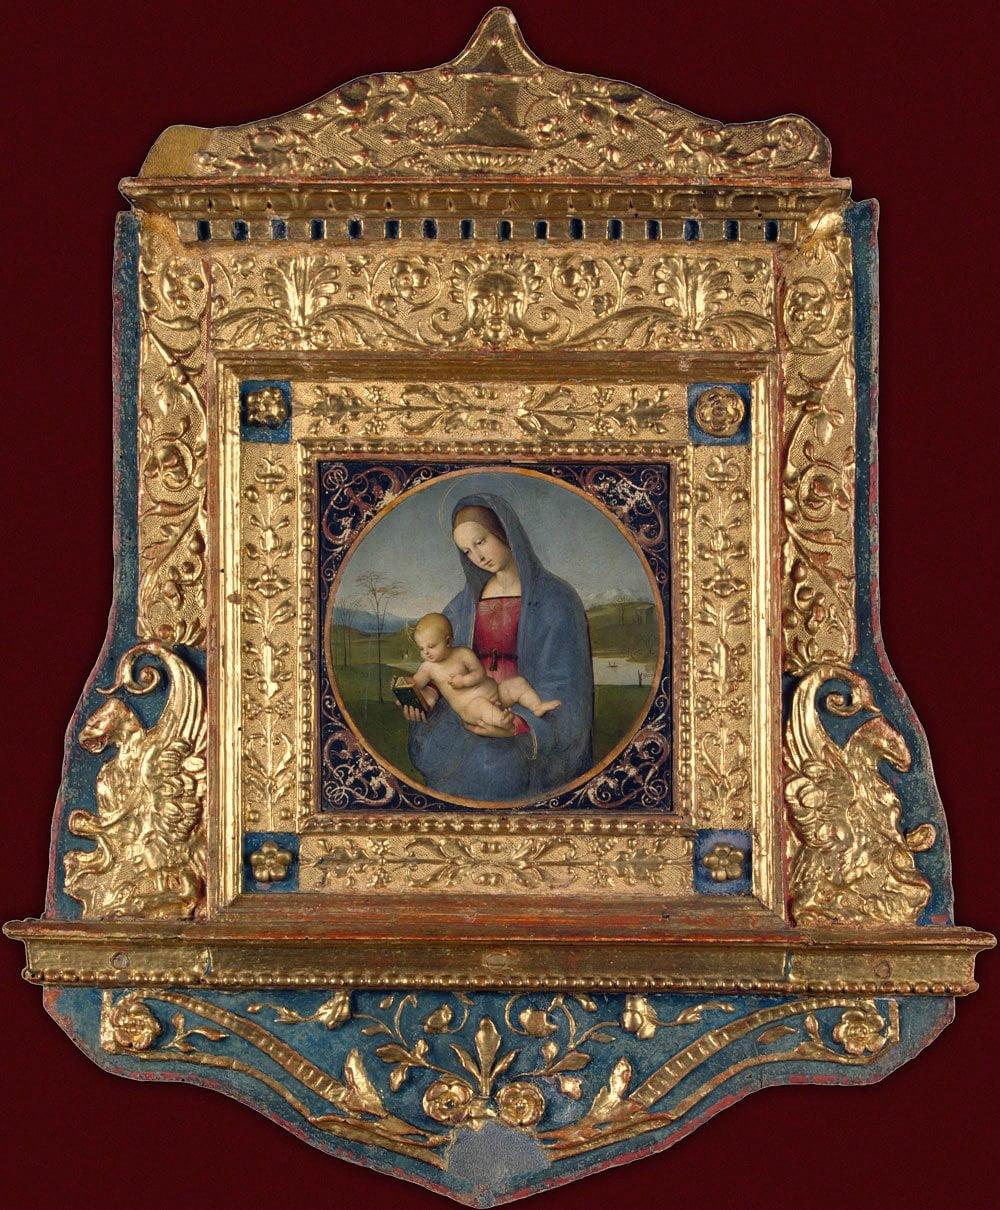 Рафаэль. Мадонна Конестабиле. 1504. Эрмитаж (Санкт-Петербург)